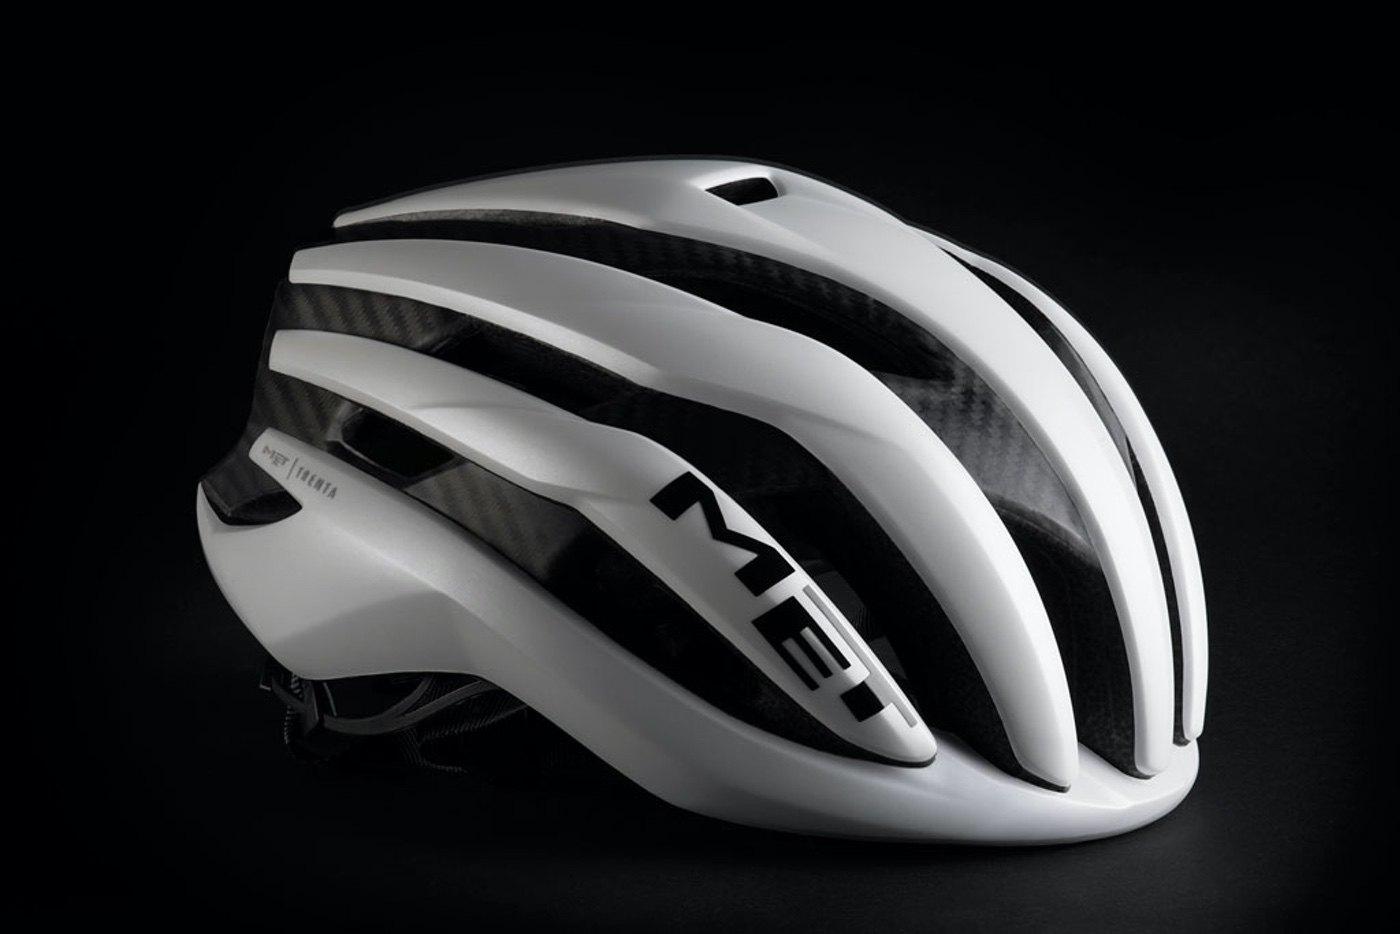 Nuevo Met Trenta: el casco que celebra y marca un hito en la historia de Met